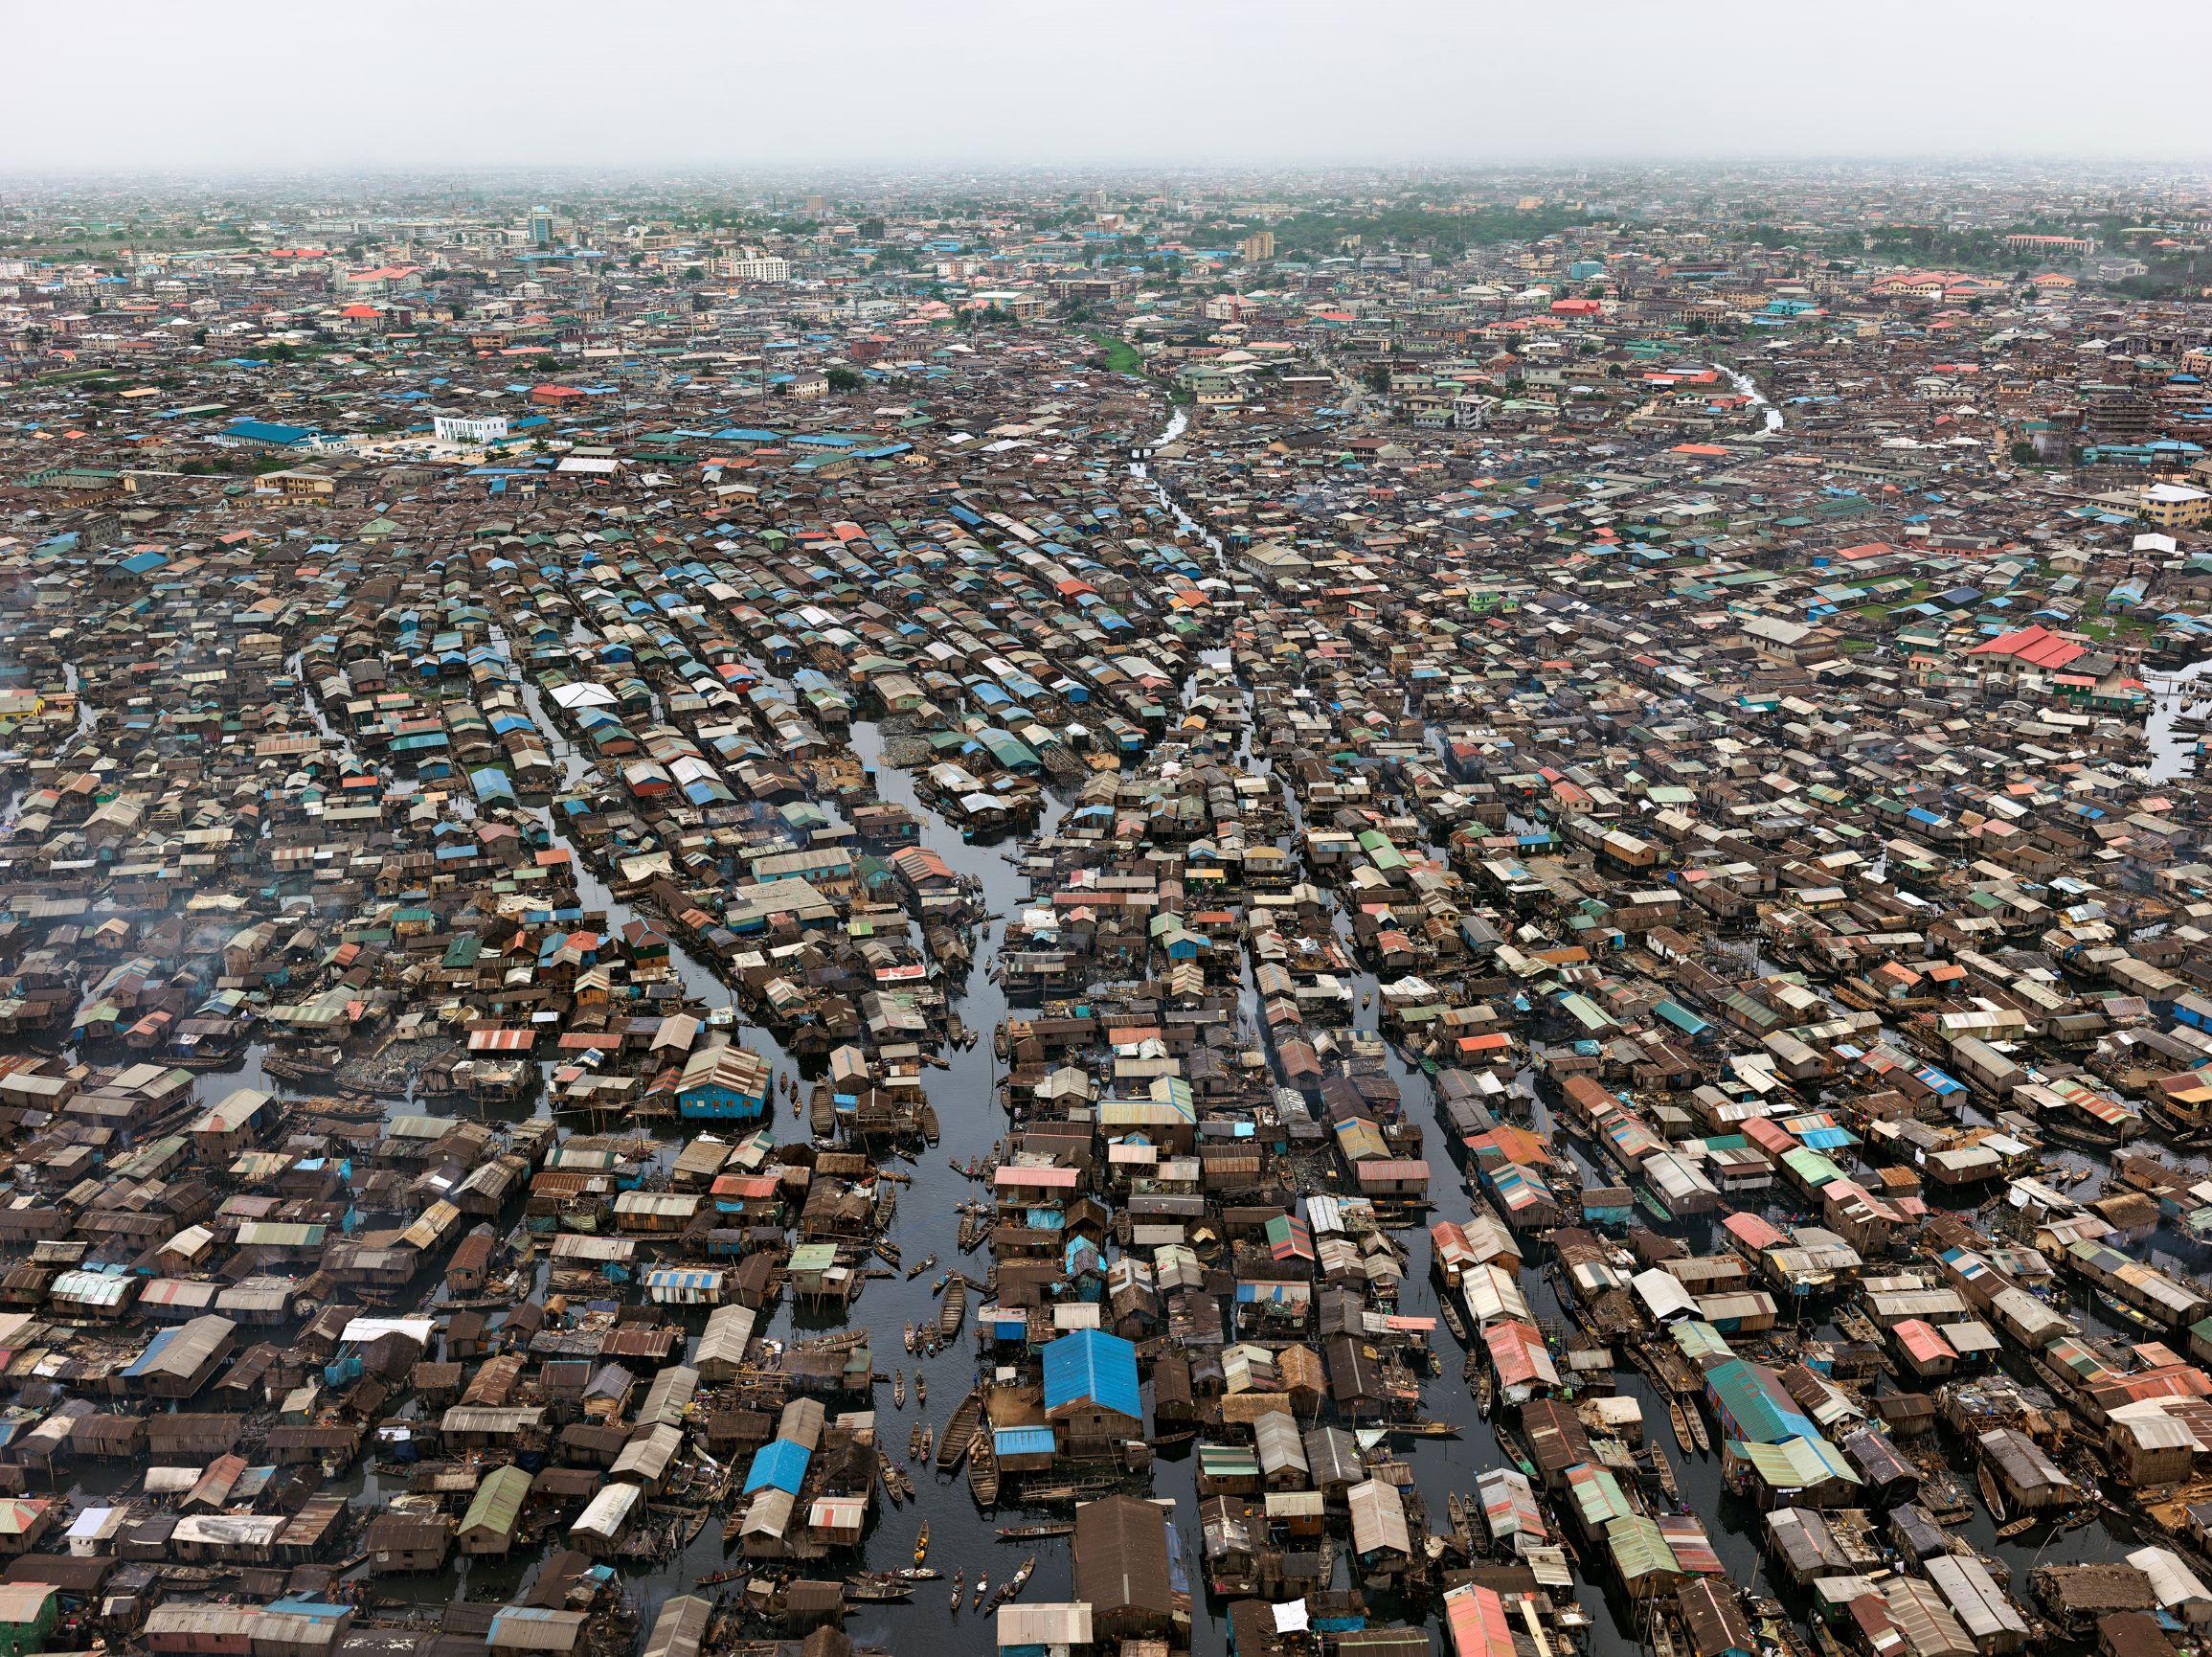 la baraccopoli di Makoko alla periferia di Lagos in Nigeria. image: Burtynsky